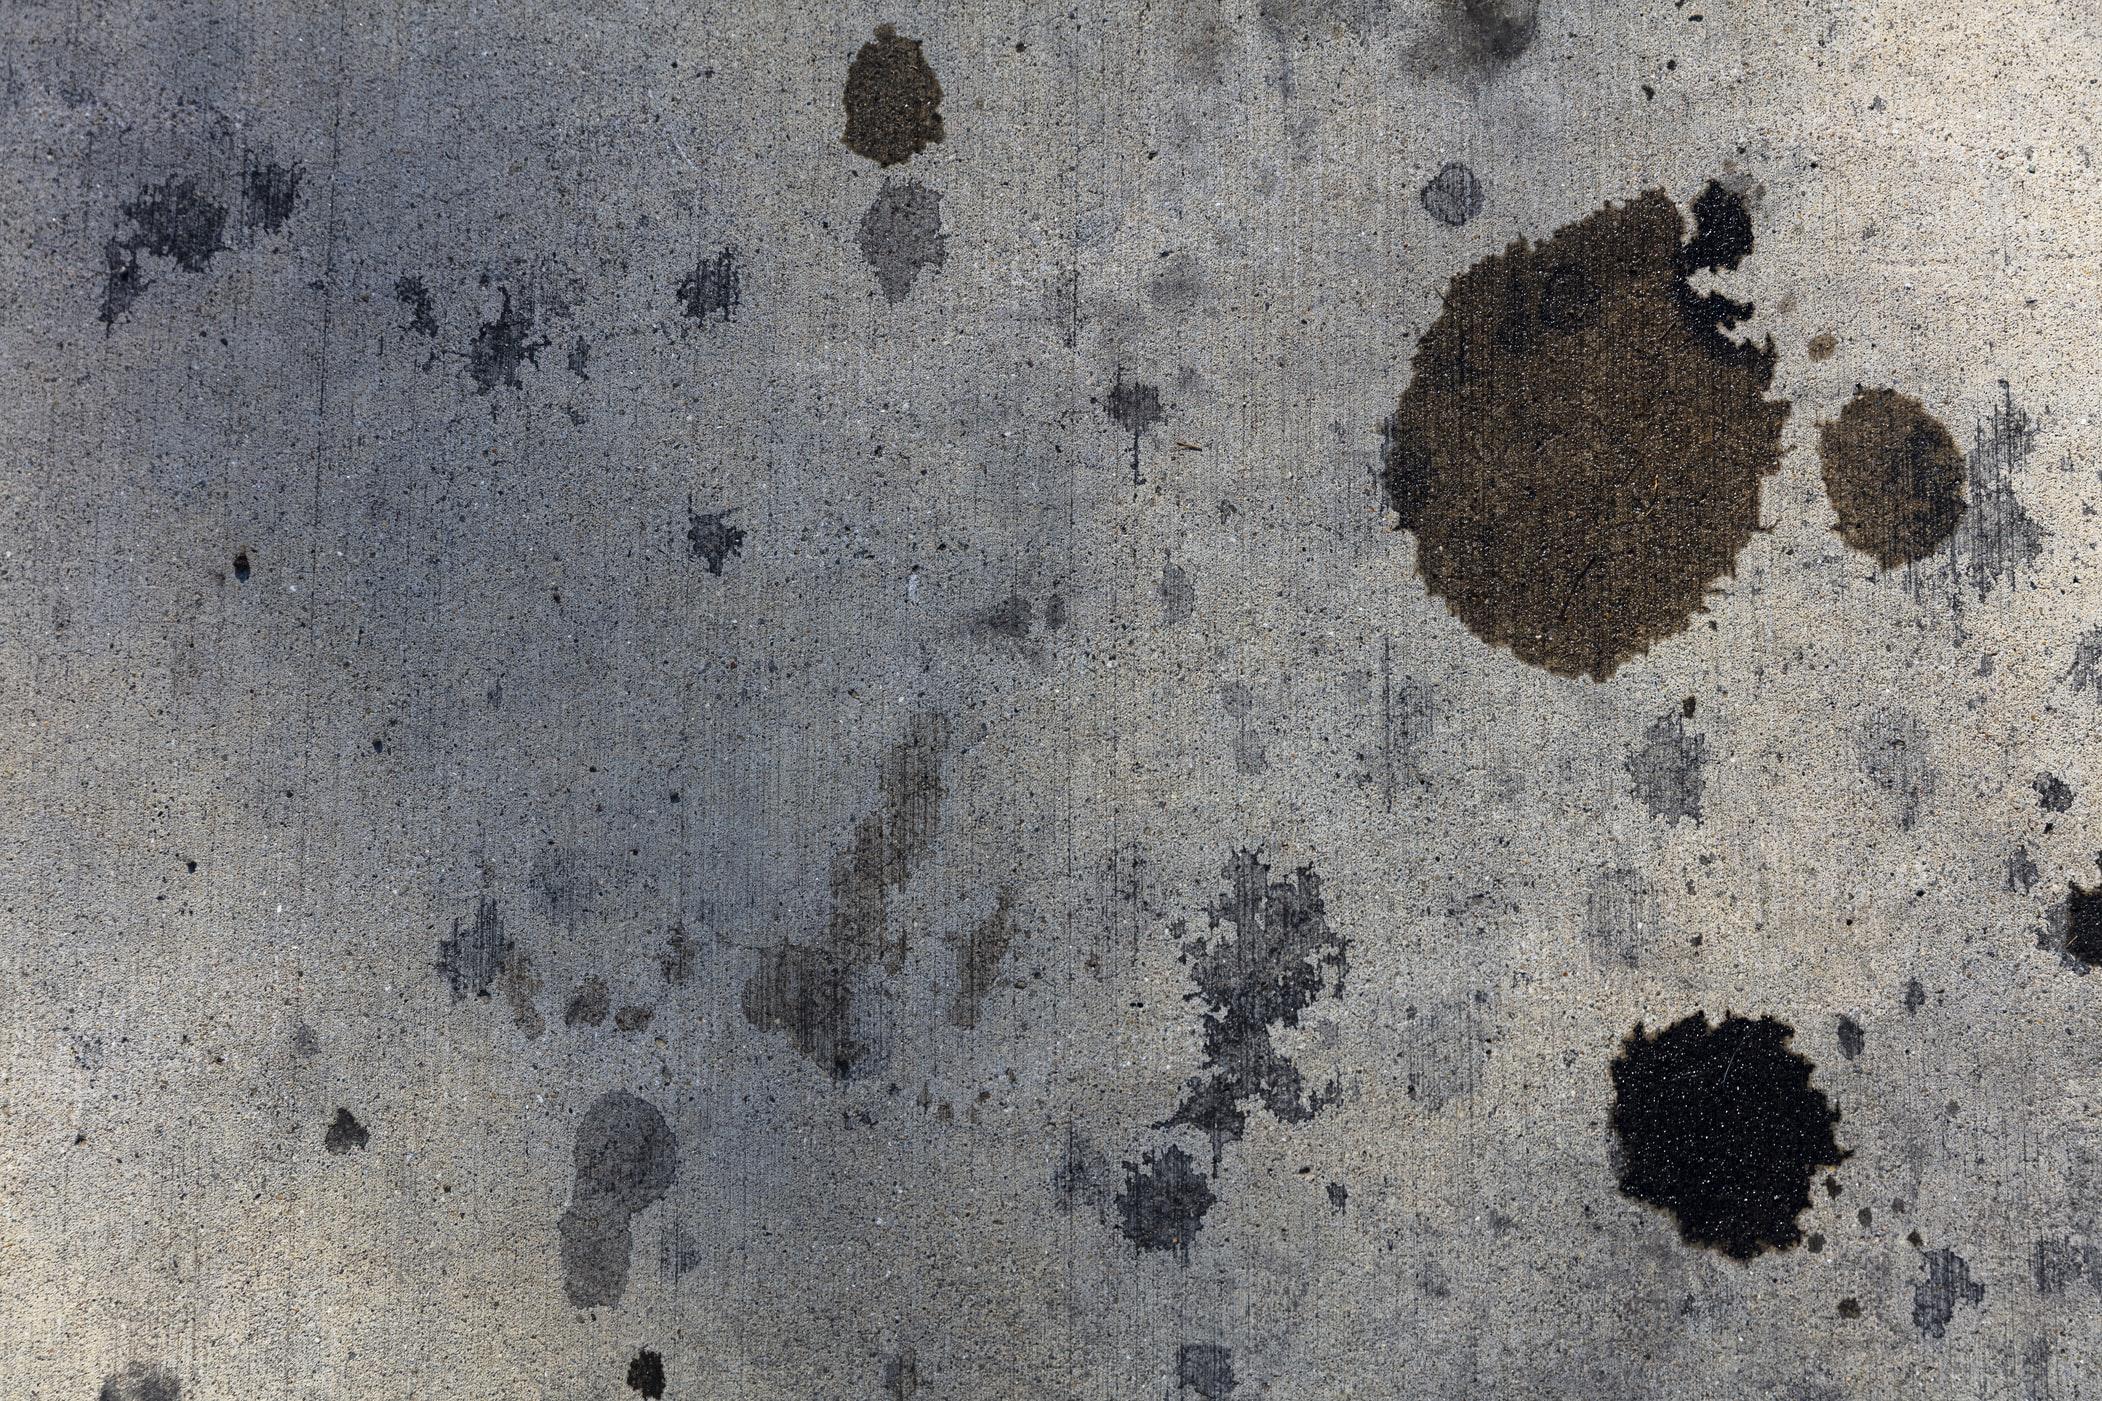 Wie bekomme ich Ölflecken aus der Kleidung?